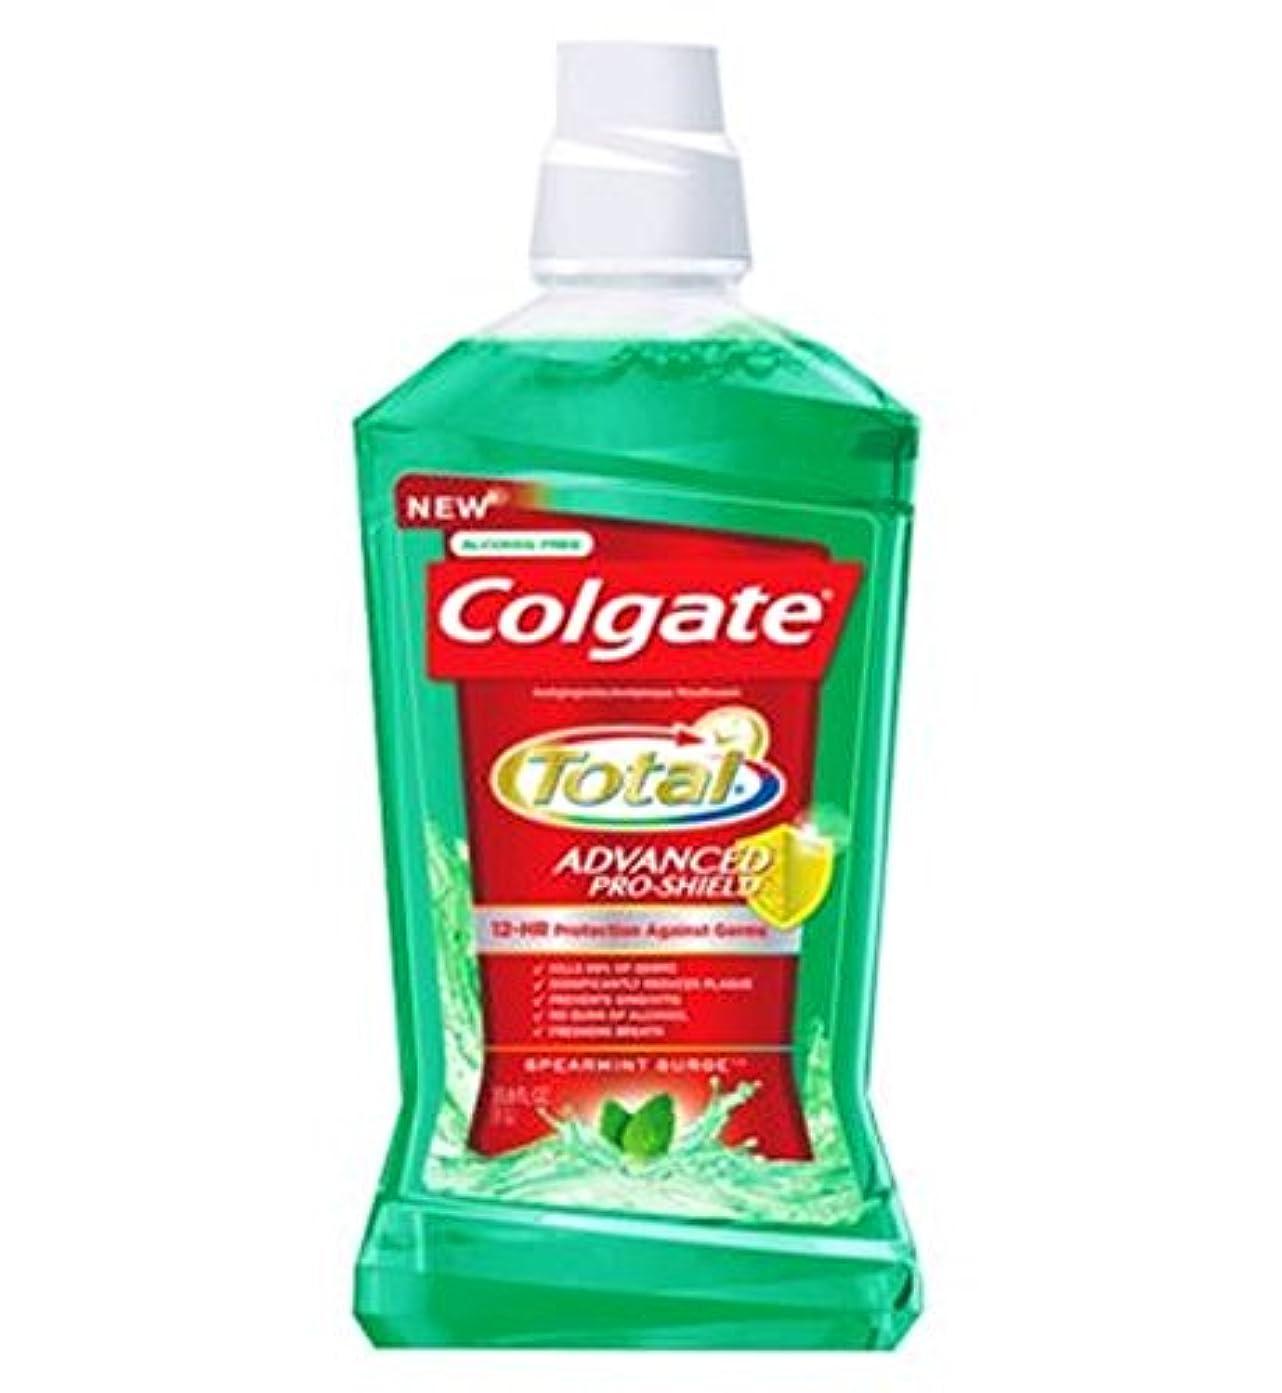 続編チャペルクスクスコルゲートの口内洗浄剤の合計緑500ミリリットル (Colgate) (x2) - Colgate Mouthrinse Total Green 500ml (Pack of 2) [並行輸入品]